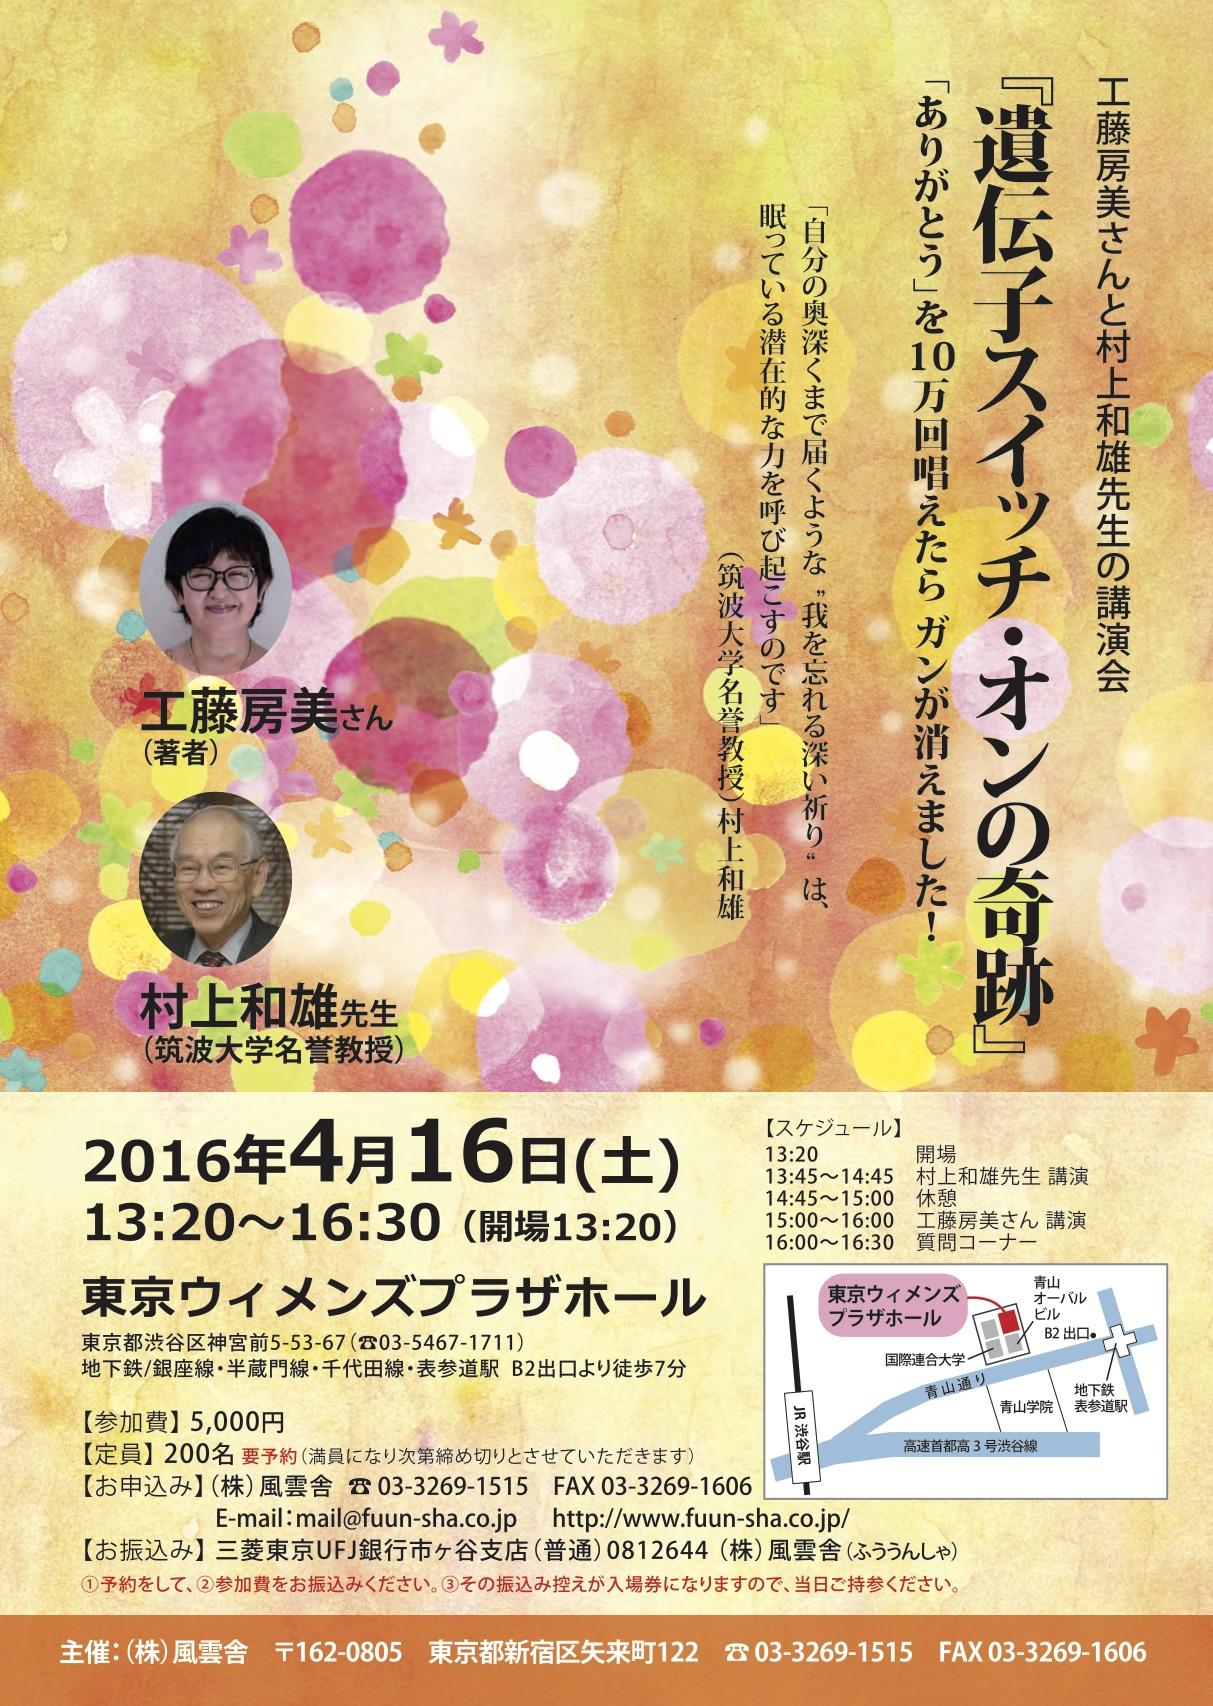 遺伝子スイッチオン講演会01